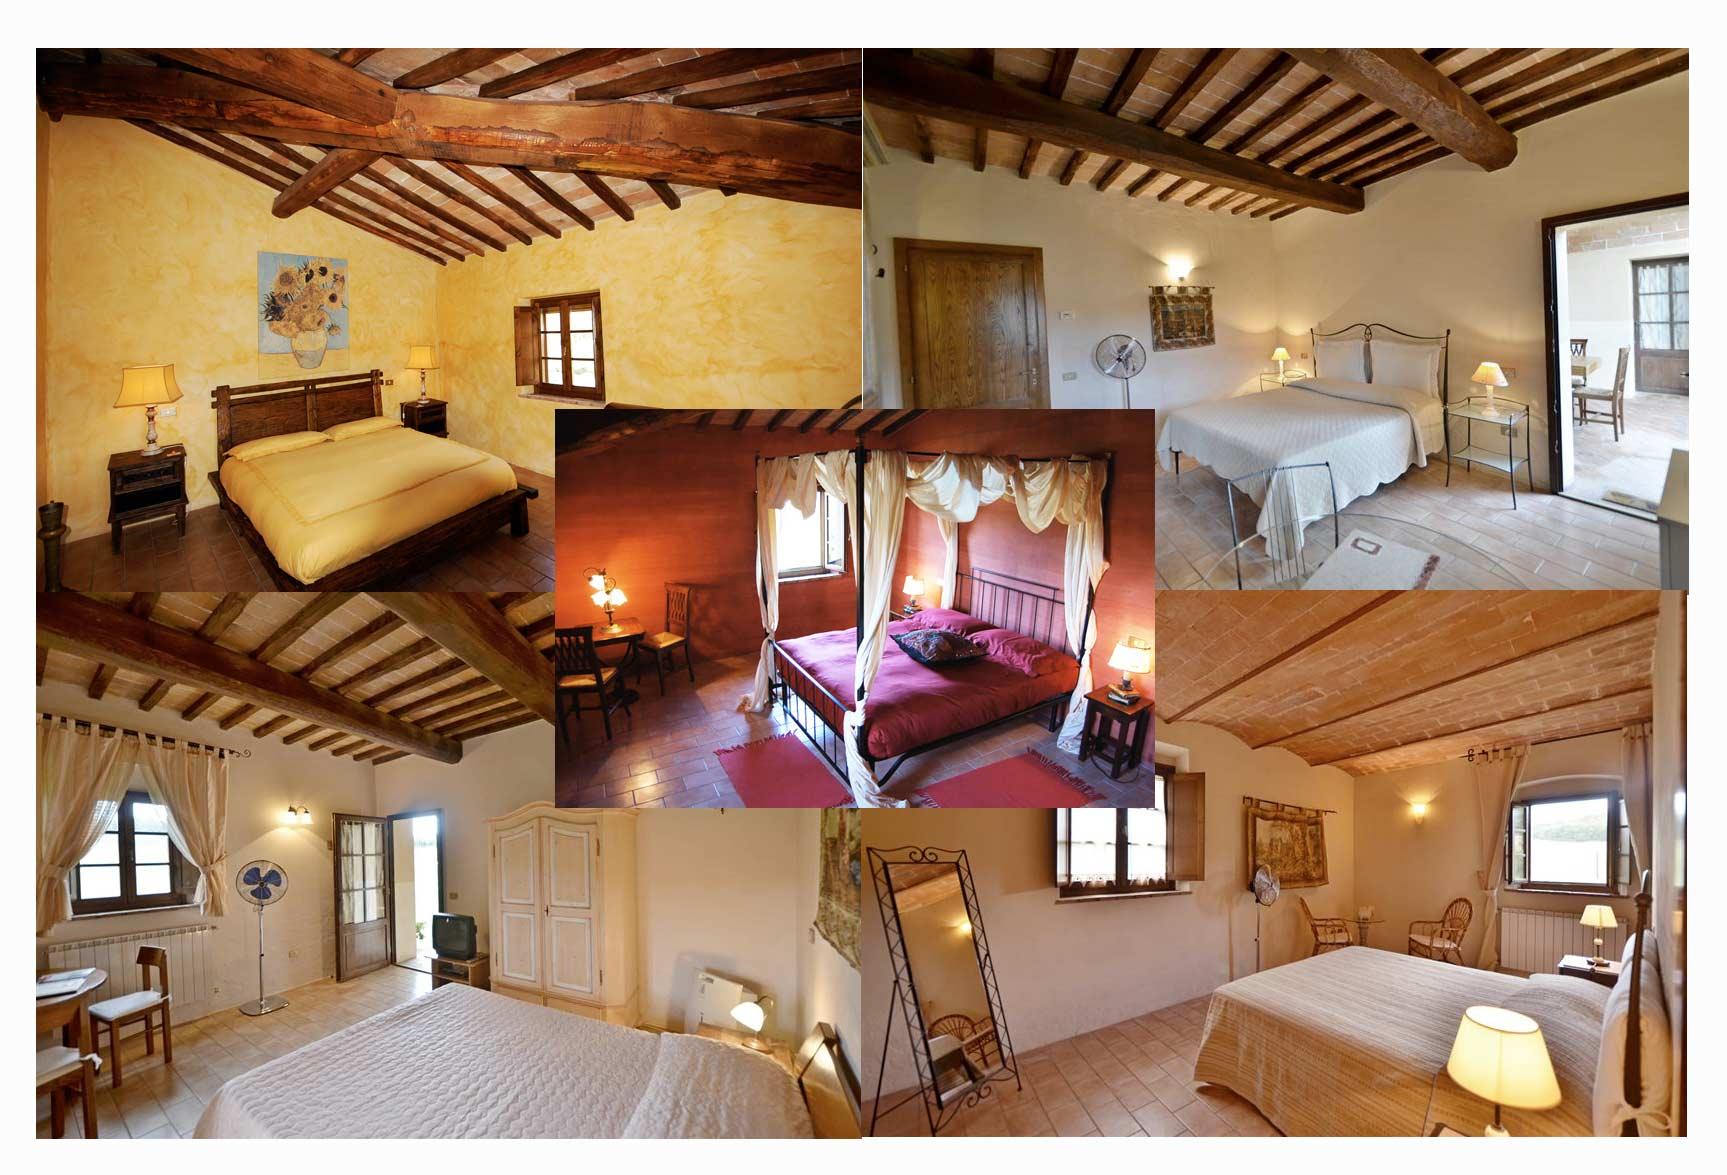 Casale in toscana con 5 camere da letto villa toscana blog for Planimetrie 5 camere da letto